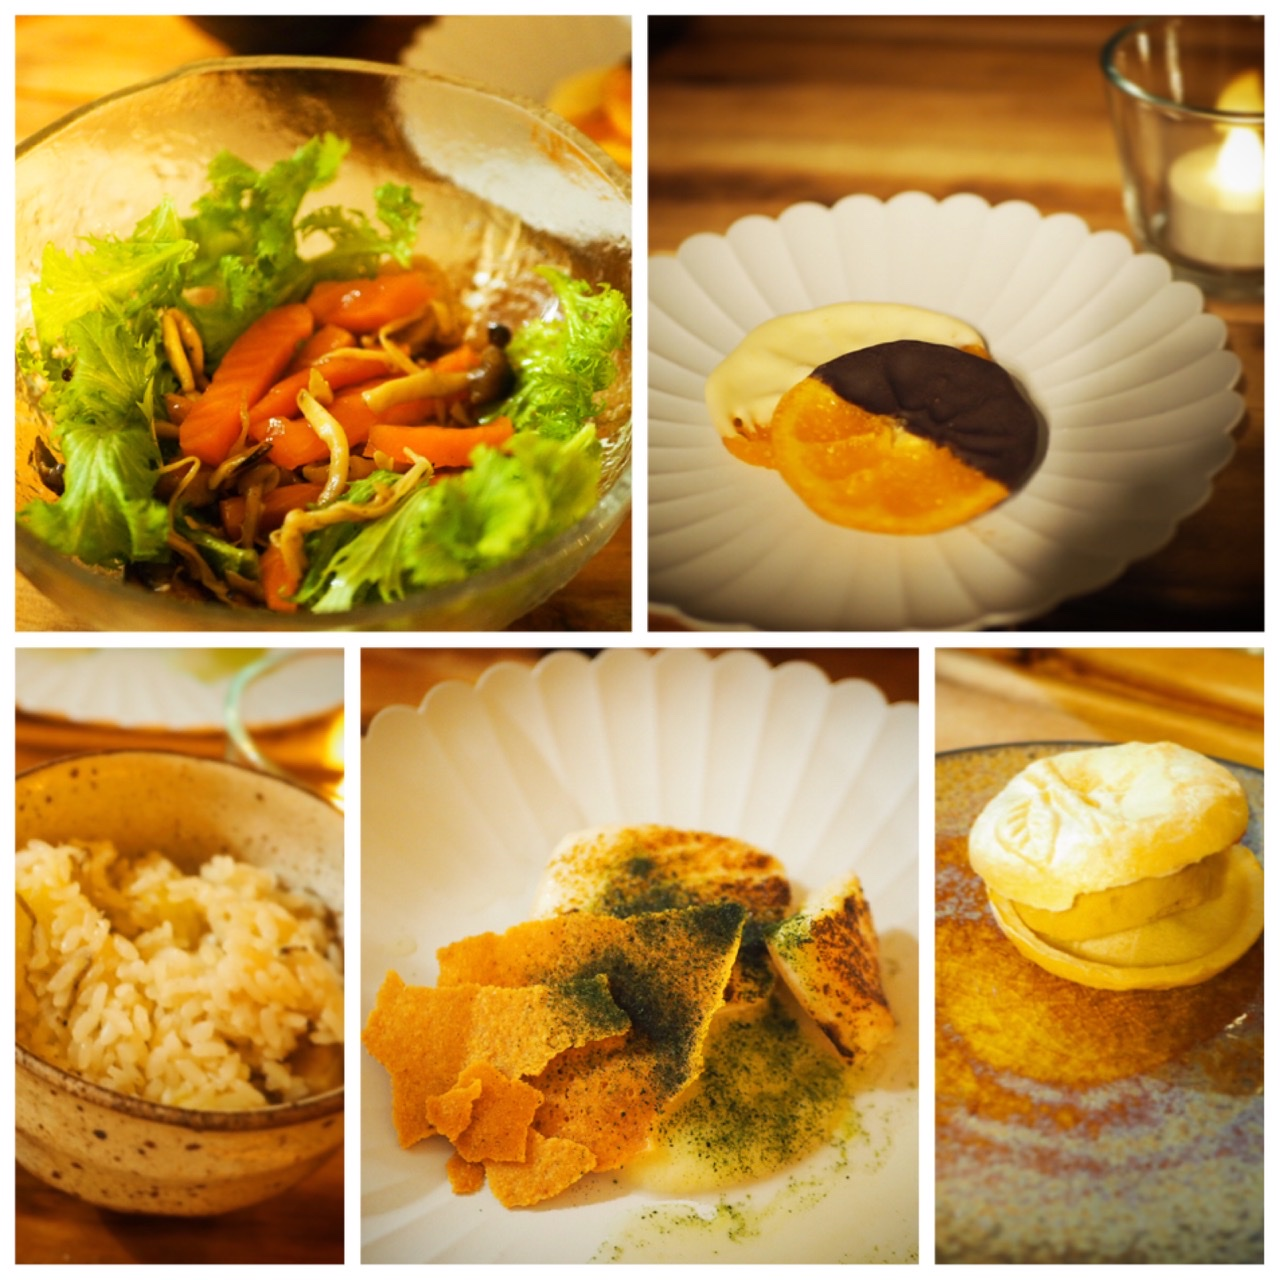 【#IWAIのお祝いご飯便】記念日におうちで本格コース料理!今だからこそのお祝いの時間♡_9